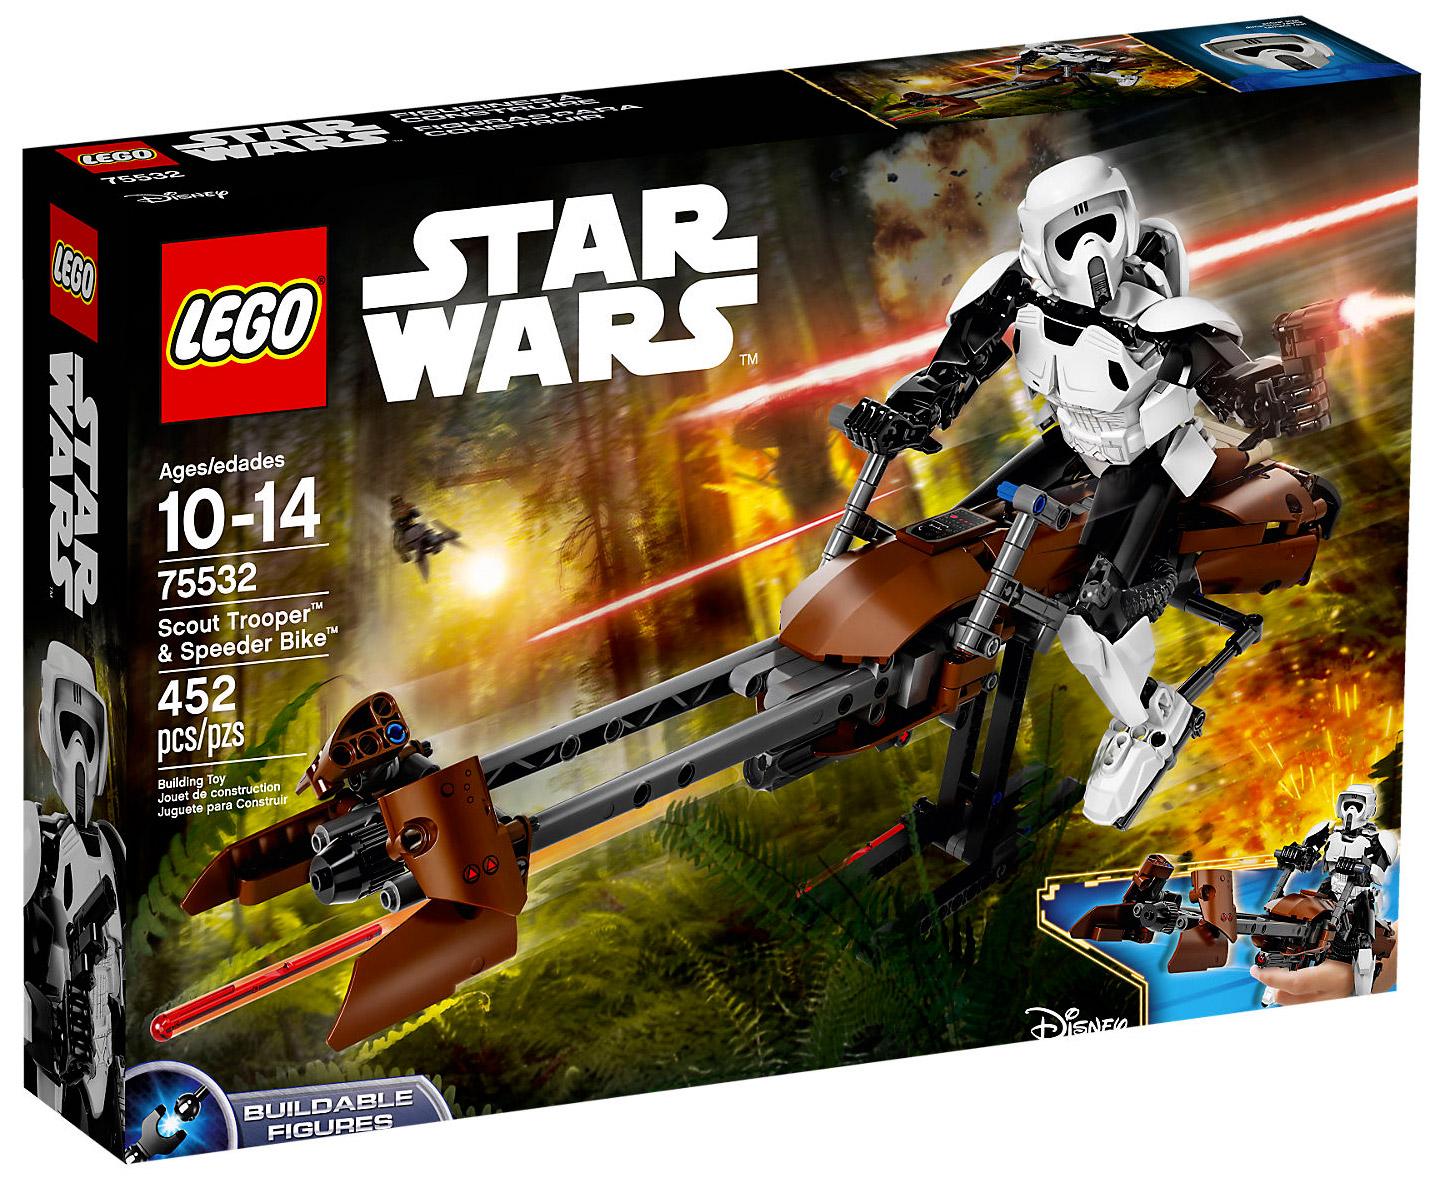 lego star wars 75532 pas cher scout trooper speeder bike. Black Bedroom Furniture Sets. Home Design Ideas